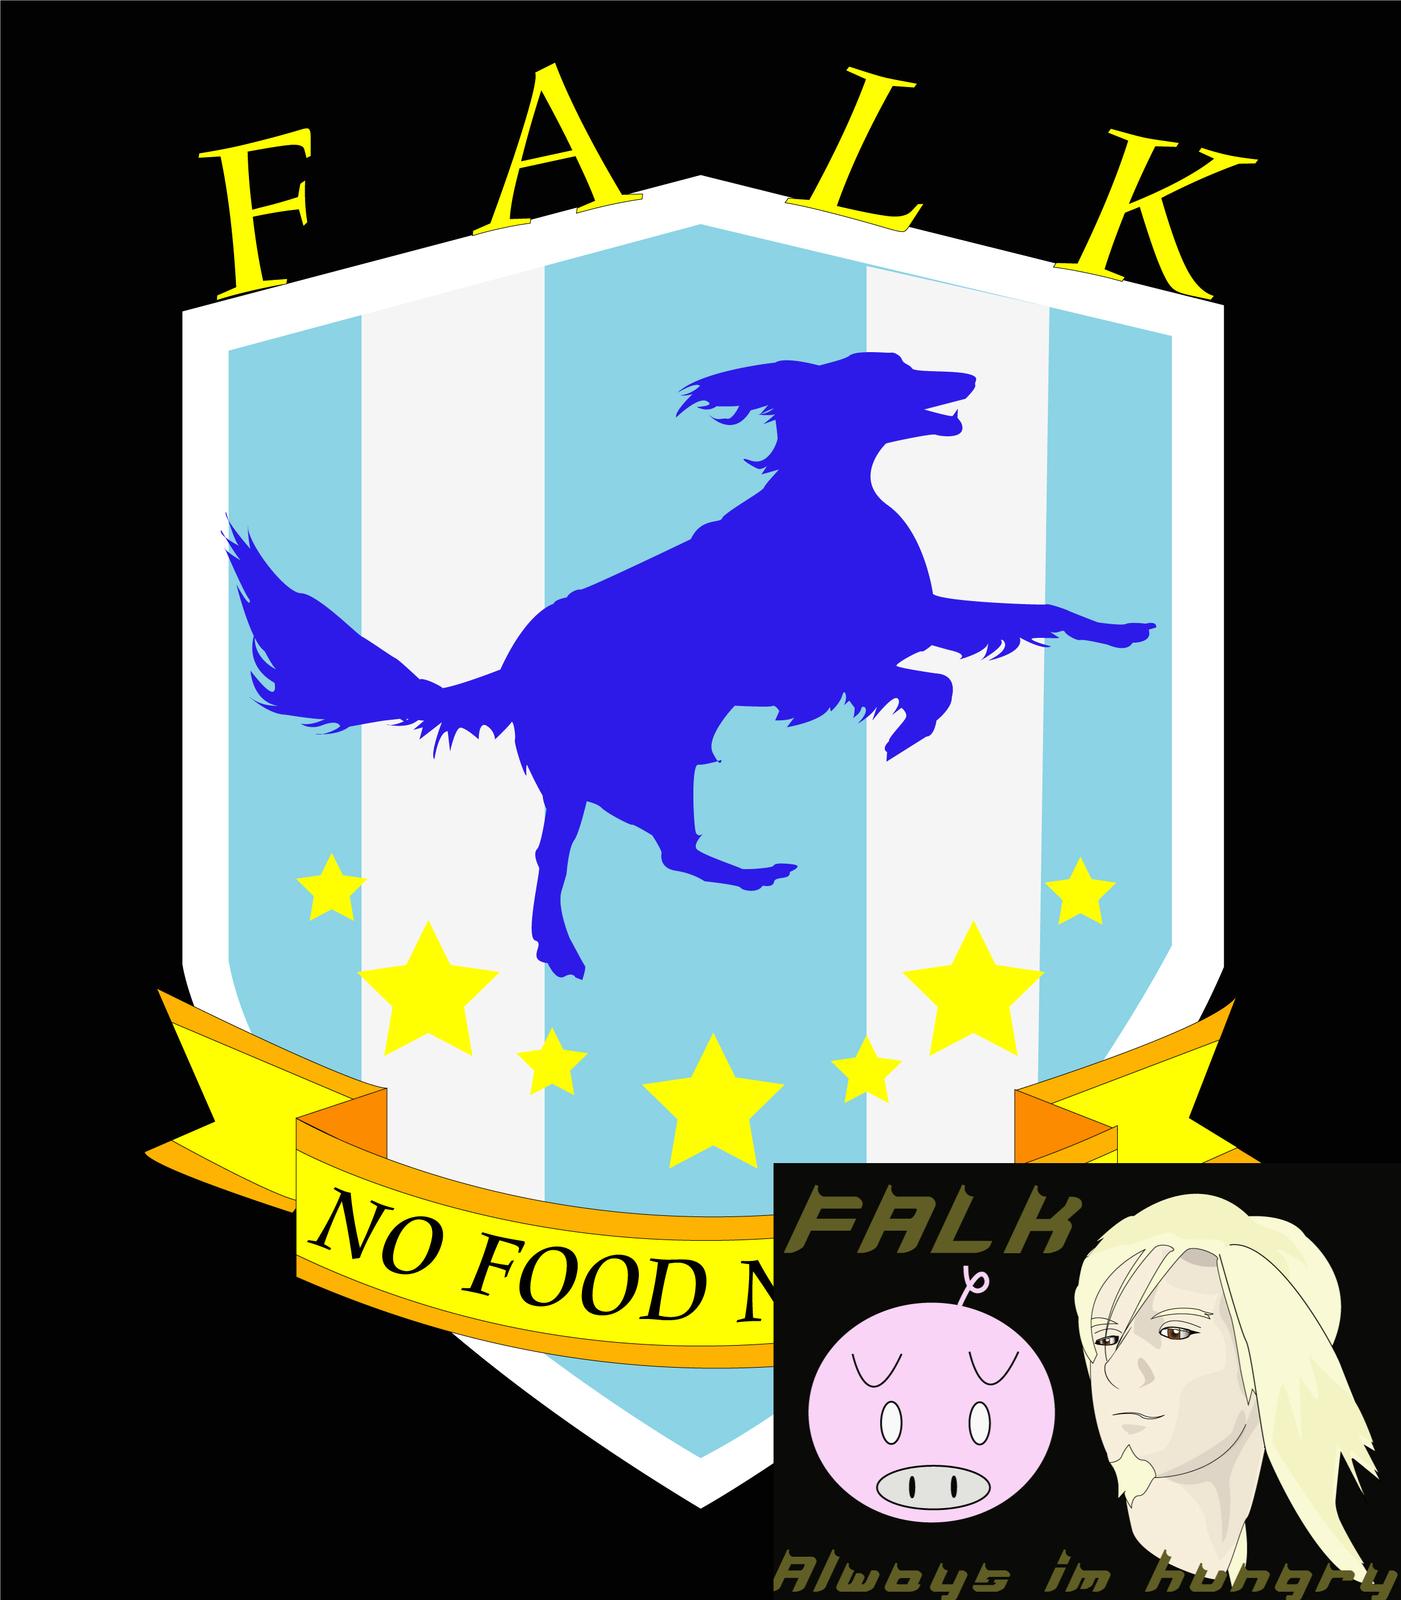 Falk6